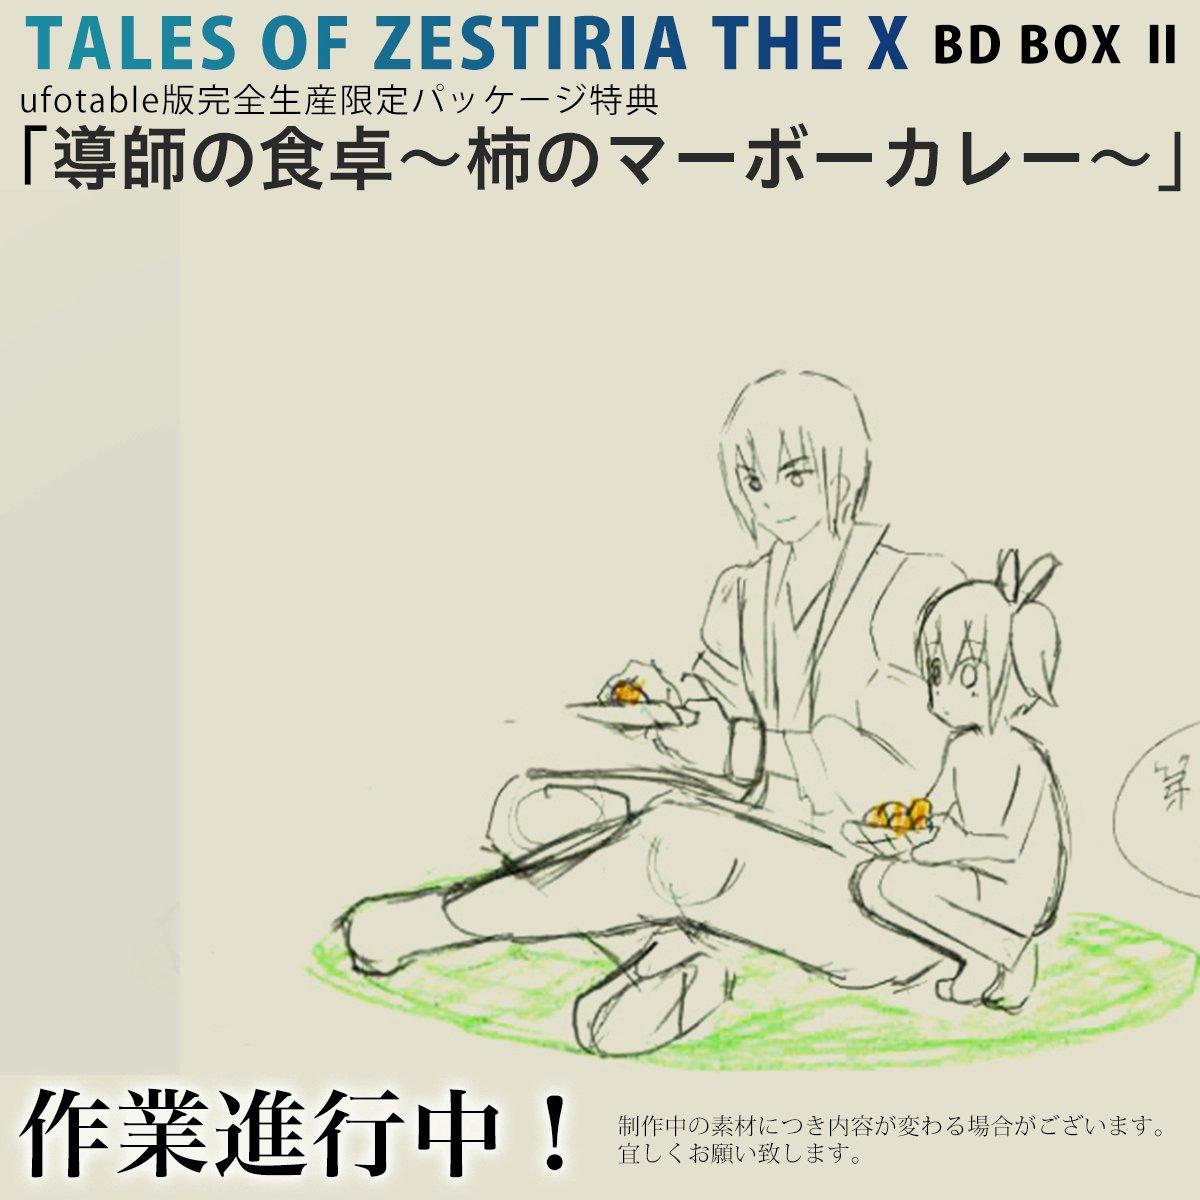 テイルズ オブ ゼスティリア ザ クロス―第二期BDBOX、ufotable特典より、新作映像『導師の食卓~柿のマーボー